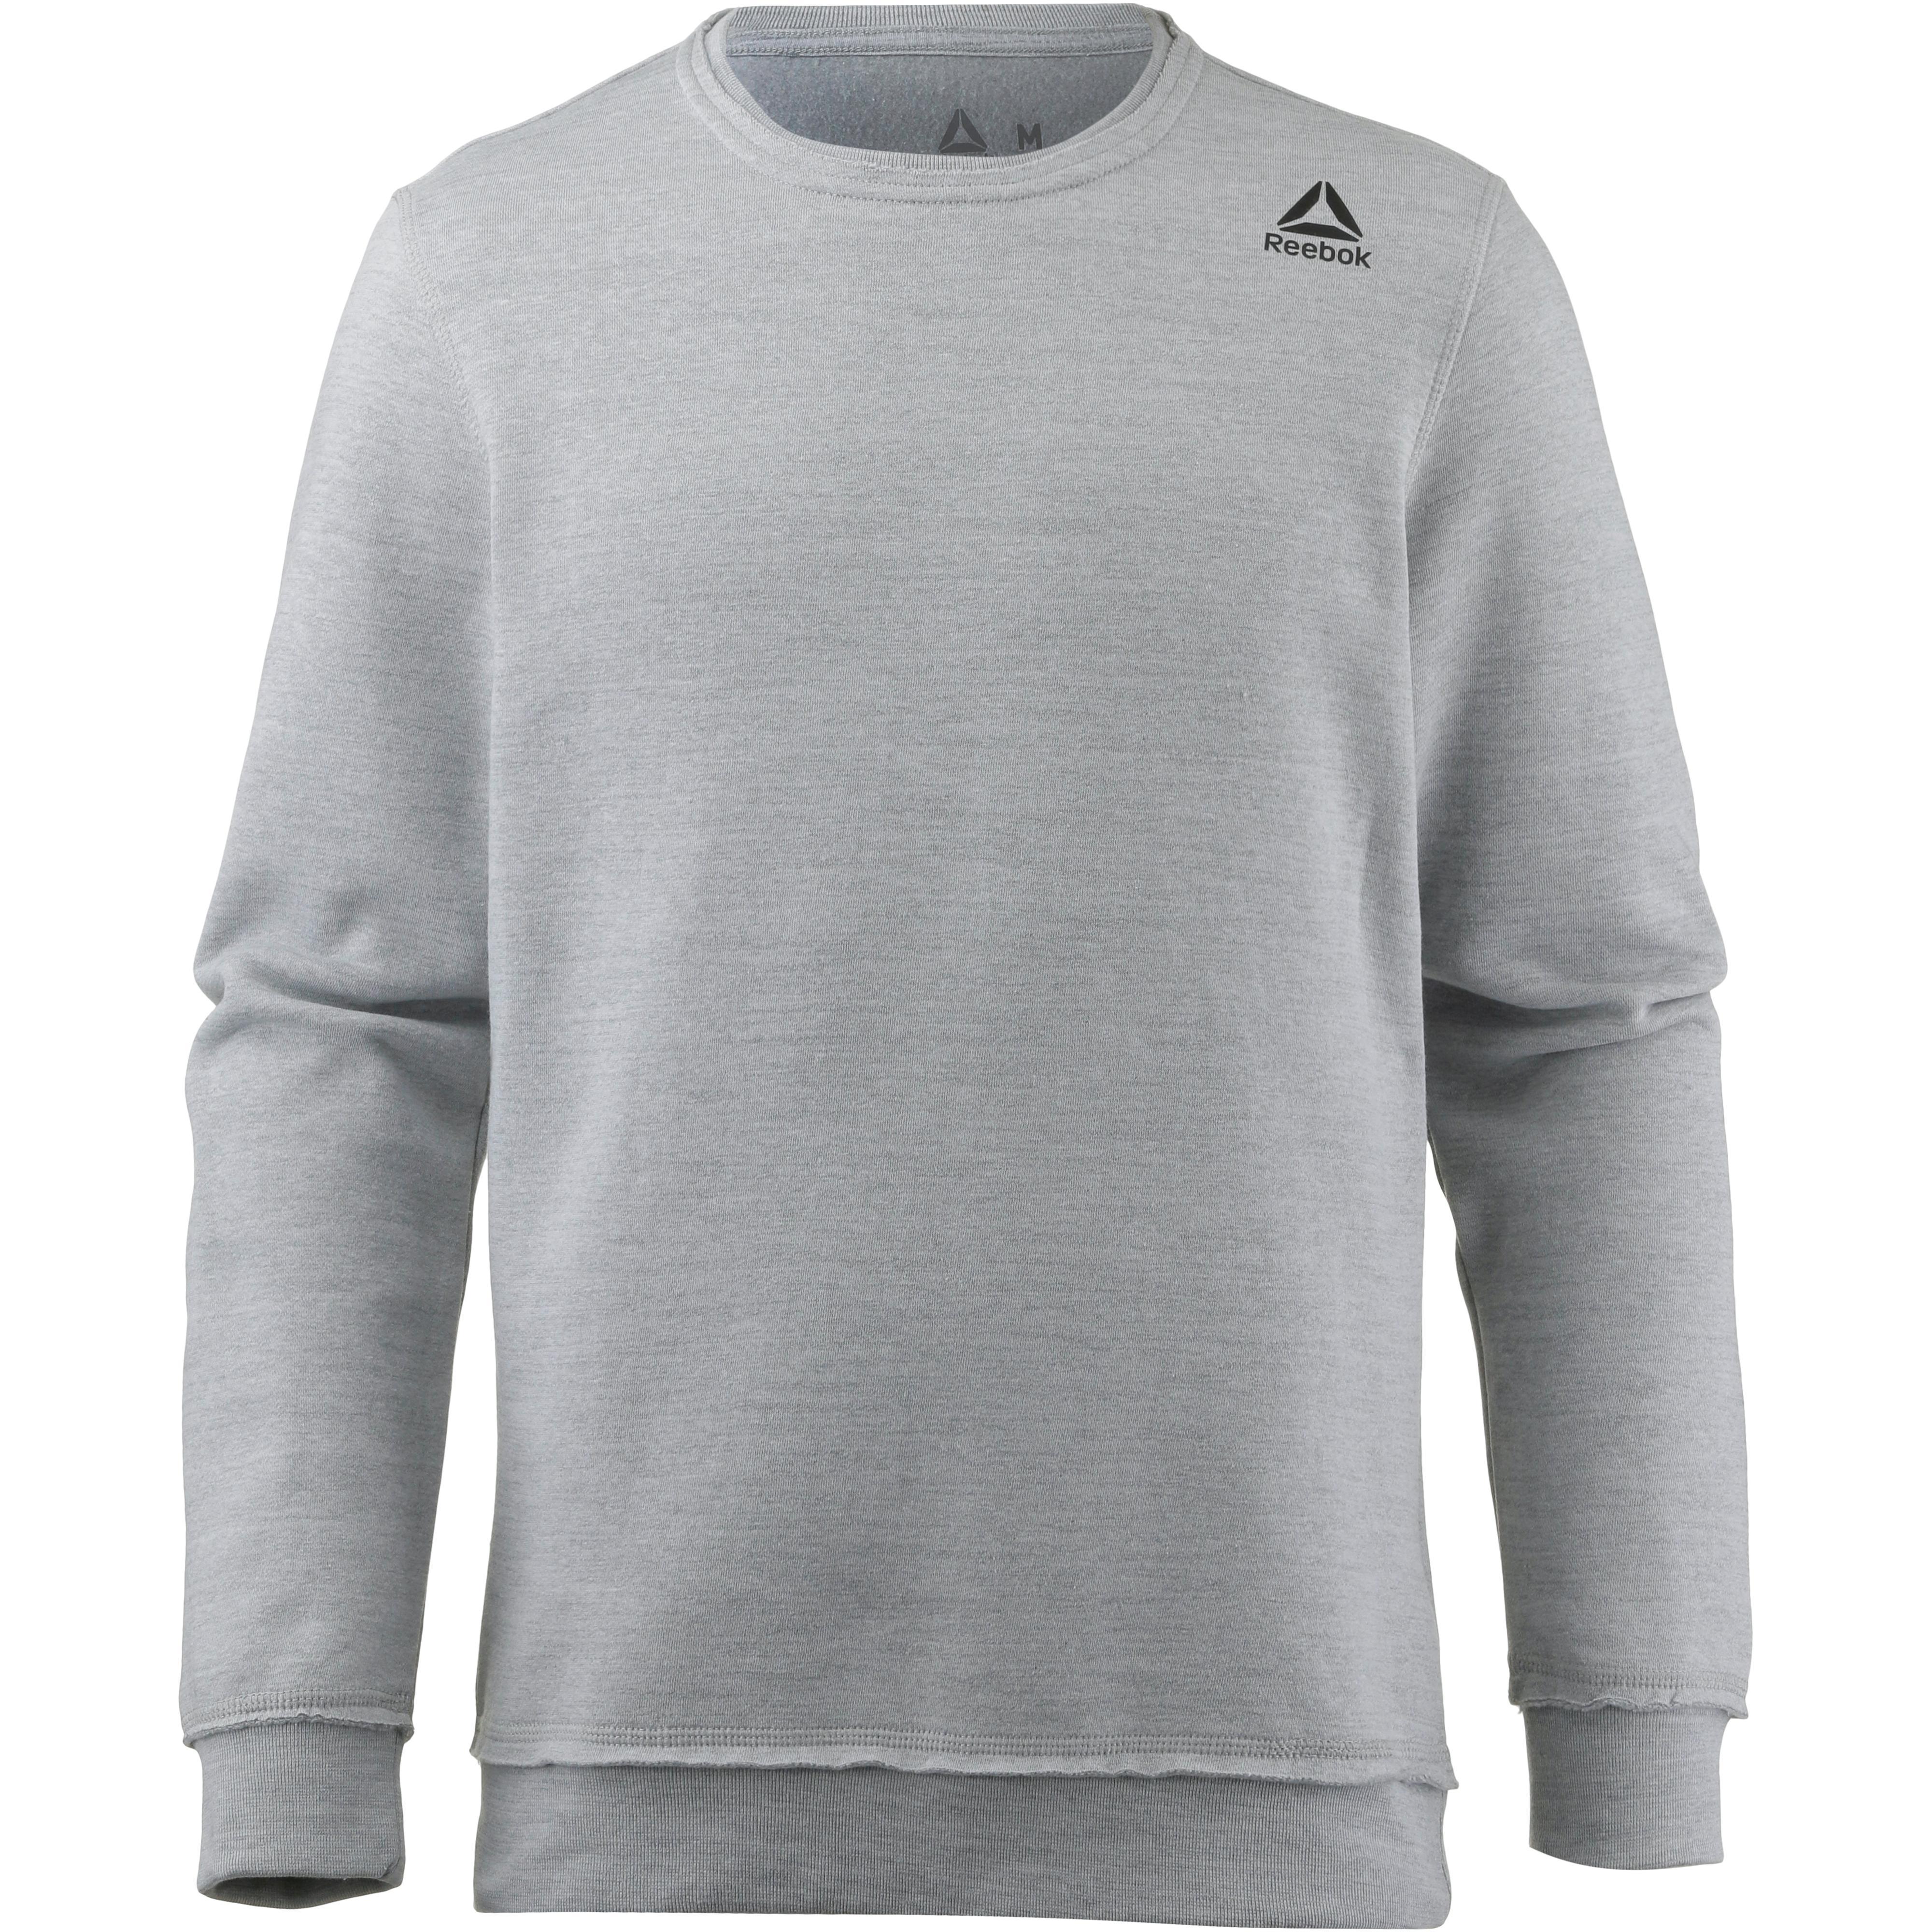 pullover \u0026 sweats von reebok im online shop von sportscheck kaufen  reebok el marble group sweatshirt herren skull grey